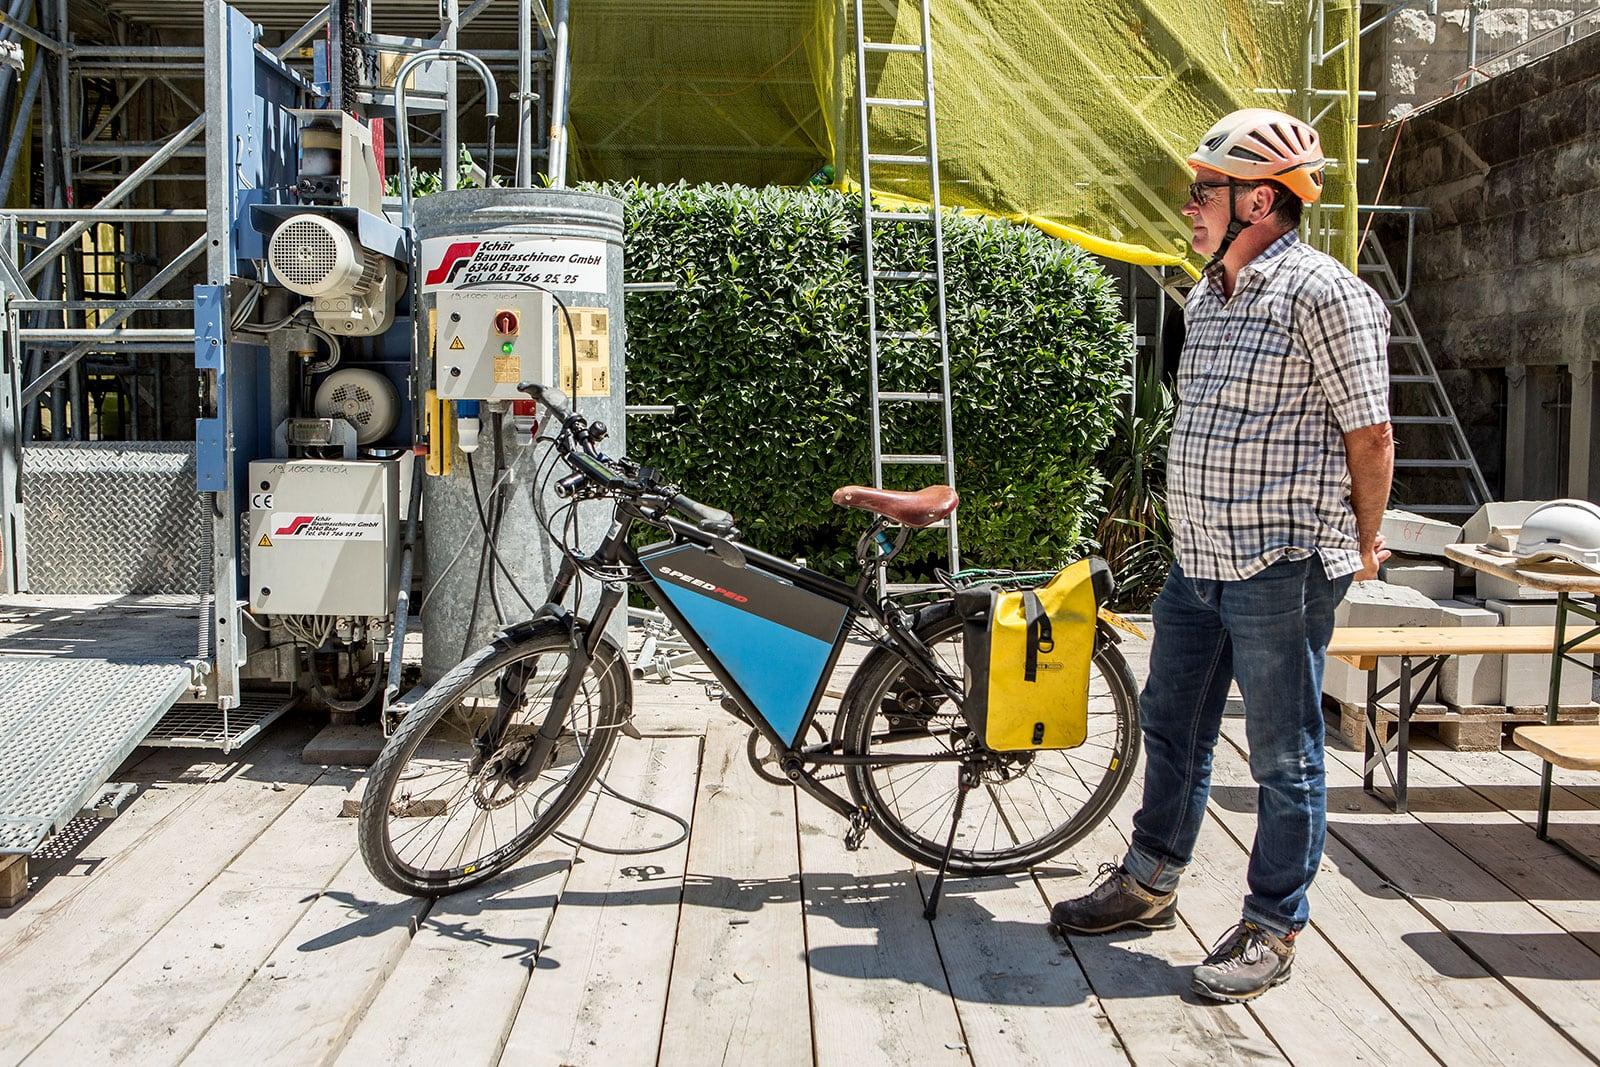 Viktor auf der baustelle mit seinem e-Bike